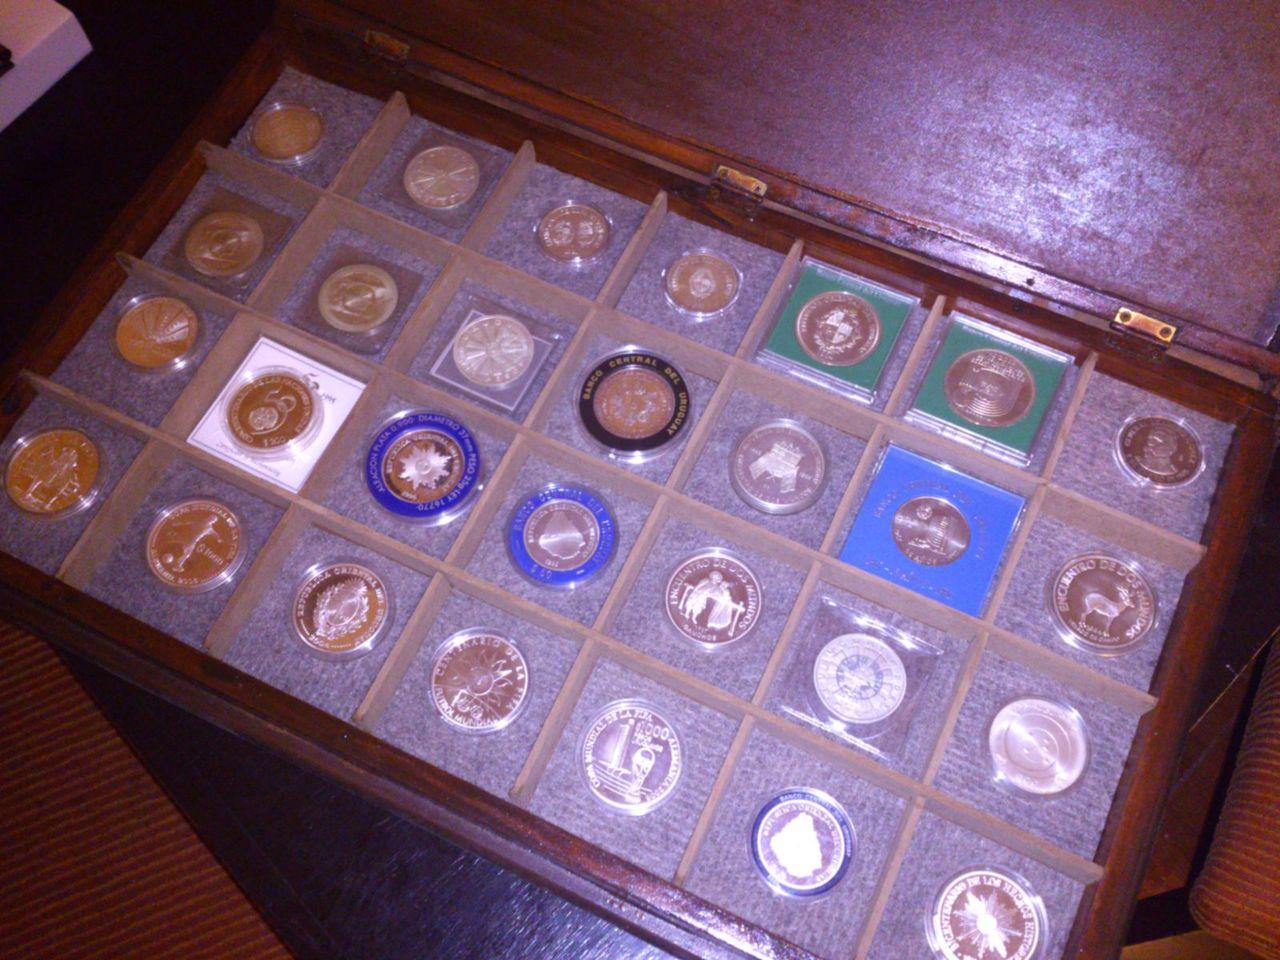 Monedas conmemorativas de Uruguay acuñadas en plata 1961 - Presente. - Página 2 DSC_9434